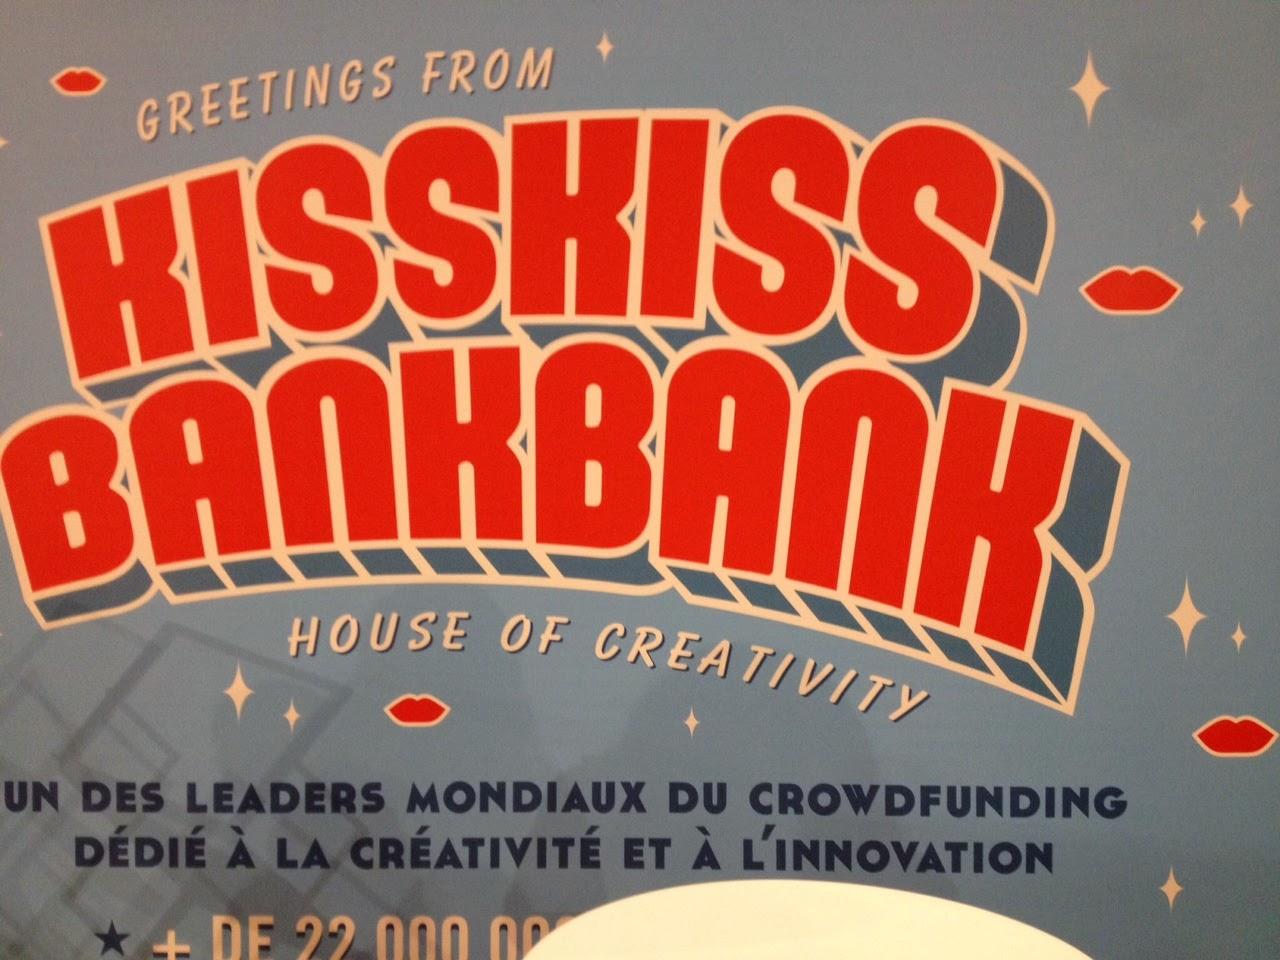 Happy Happening 2014 - Kiss Kiss Bank Bank